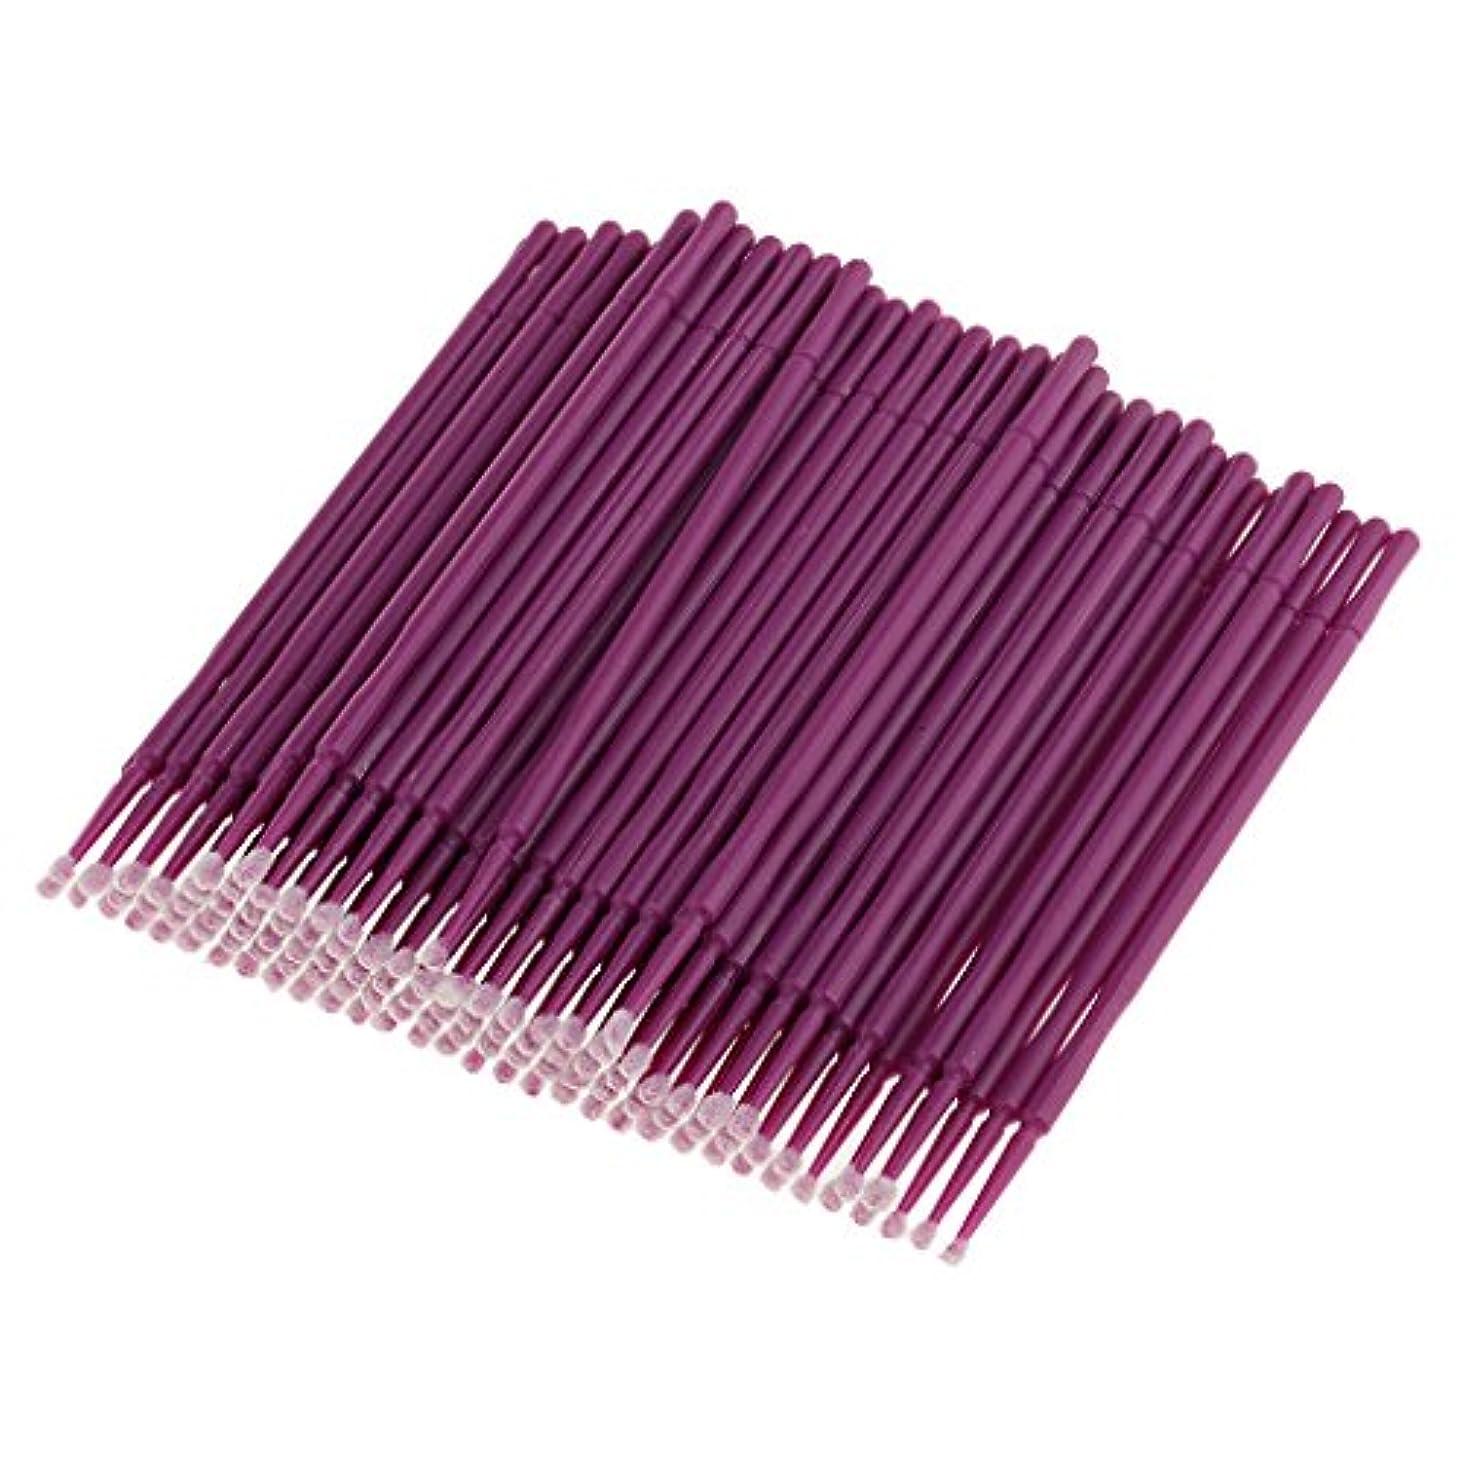 のヒープ異常部分的Perfk 約100本 使い捨て まつげエステ 美容用具 マイクロブラシ アプリケーター ミニヒントタイプ マスカラ パープル